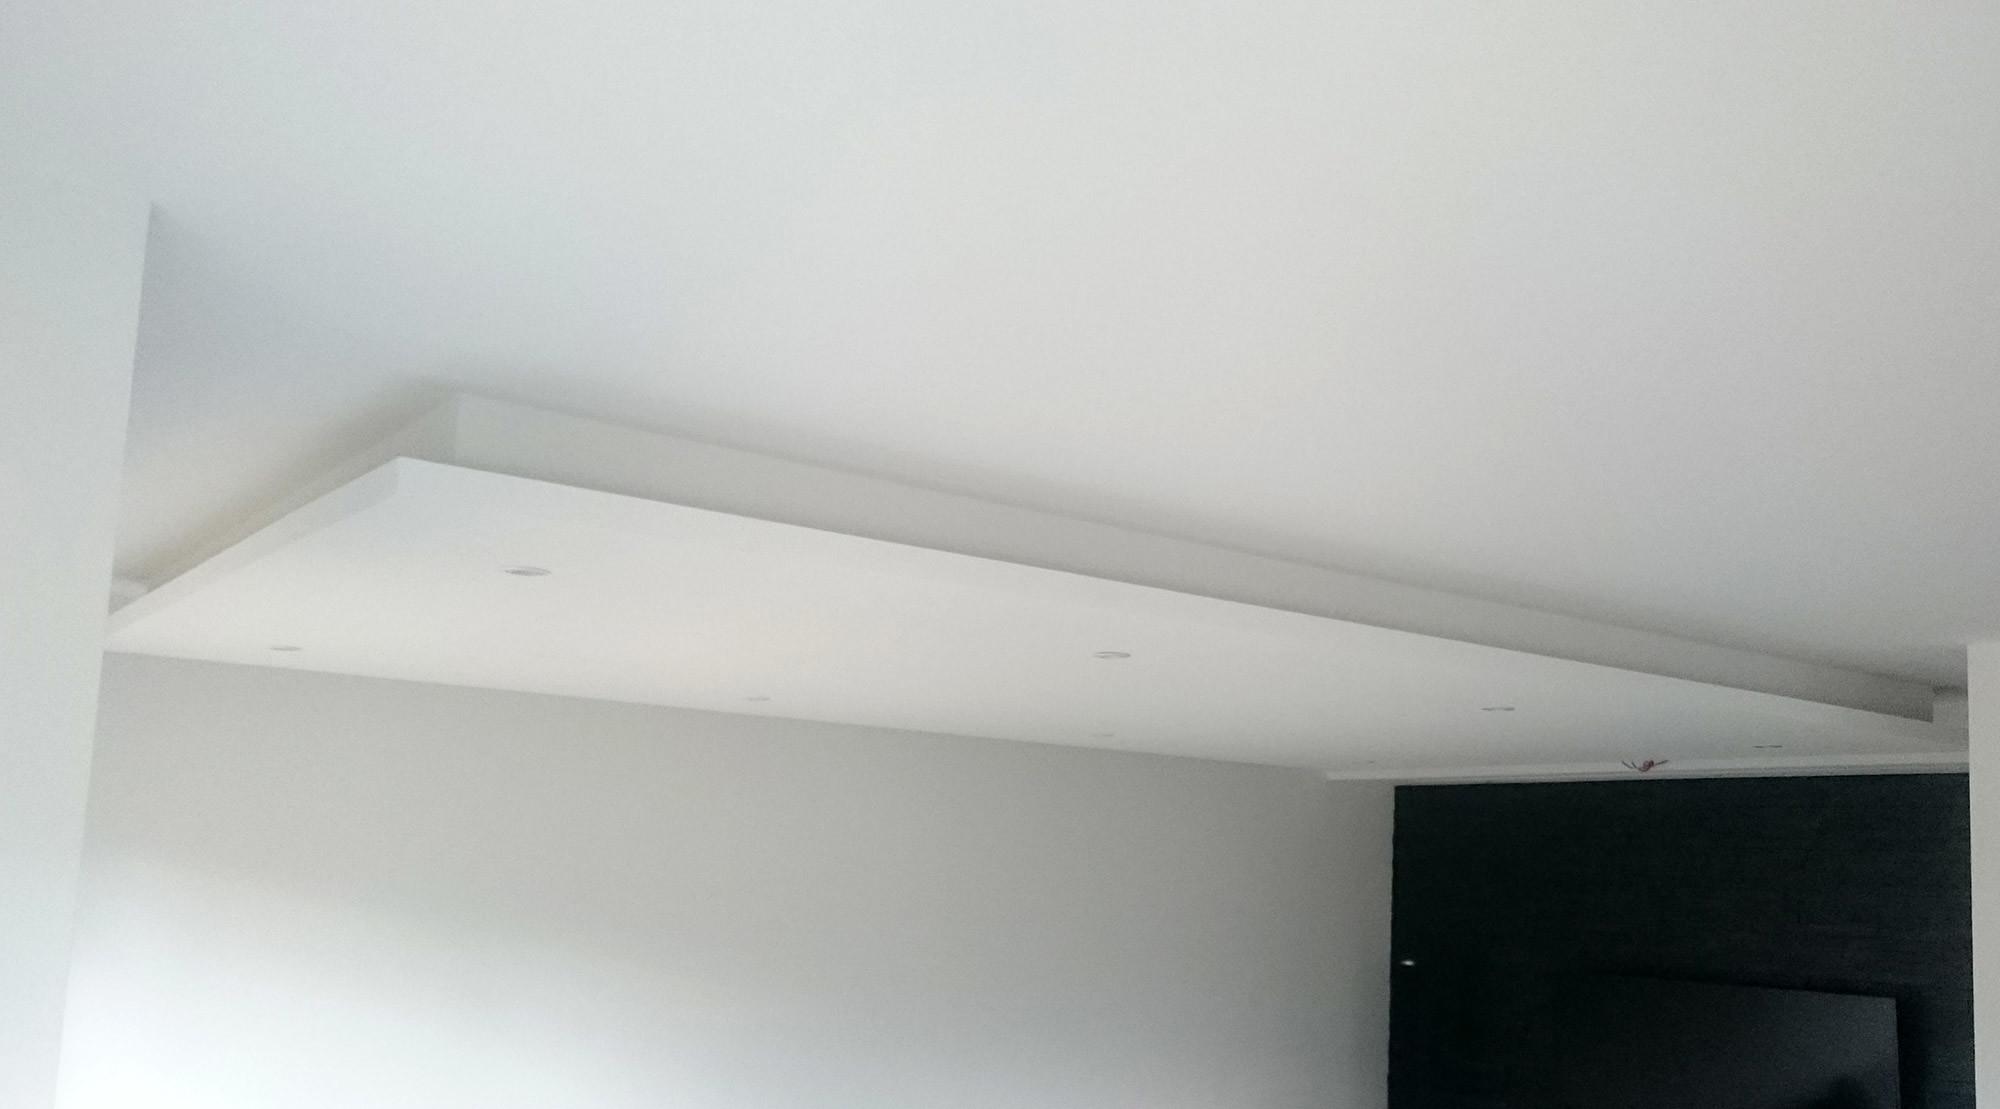 Full Size of Indirekte Beleuchtung Wohnzimmer Decke Selber Bauen Machen Led Deckenleuchte Küche Lampe Badezimmer Deckenleuchten Bad Deckenlampen Für Fenster Einbauen Wohnzimmer Indirekte Beleuchtung Decke Selber Bauen